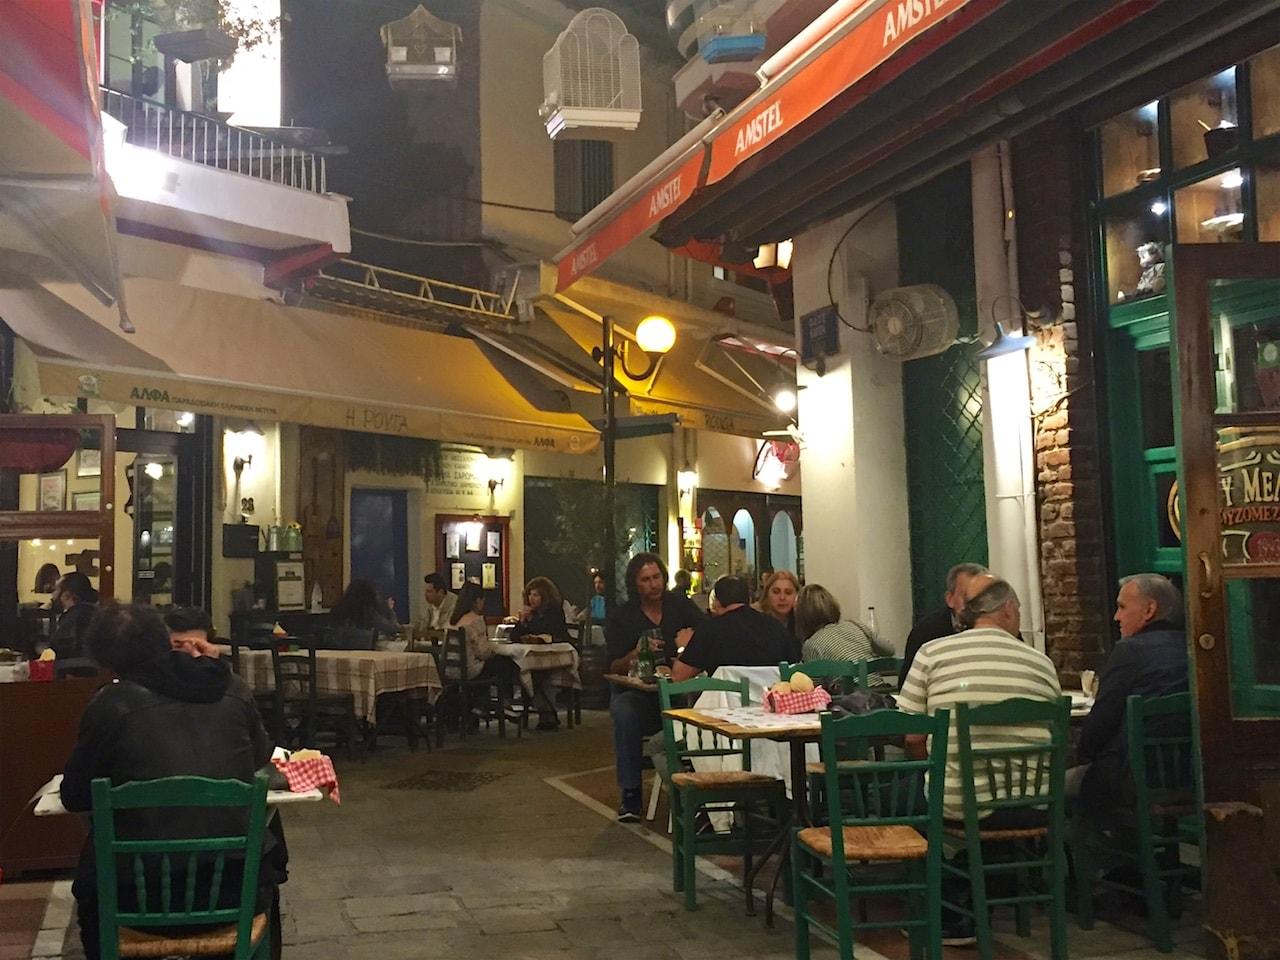 Essen wie die Götter (und das unter Vogelkäfigen): Restaurant Ouzou Melathron in Thessaloniki